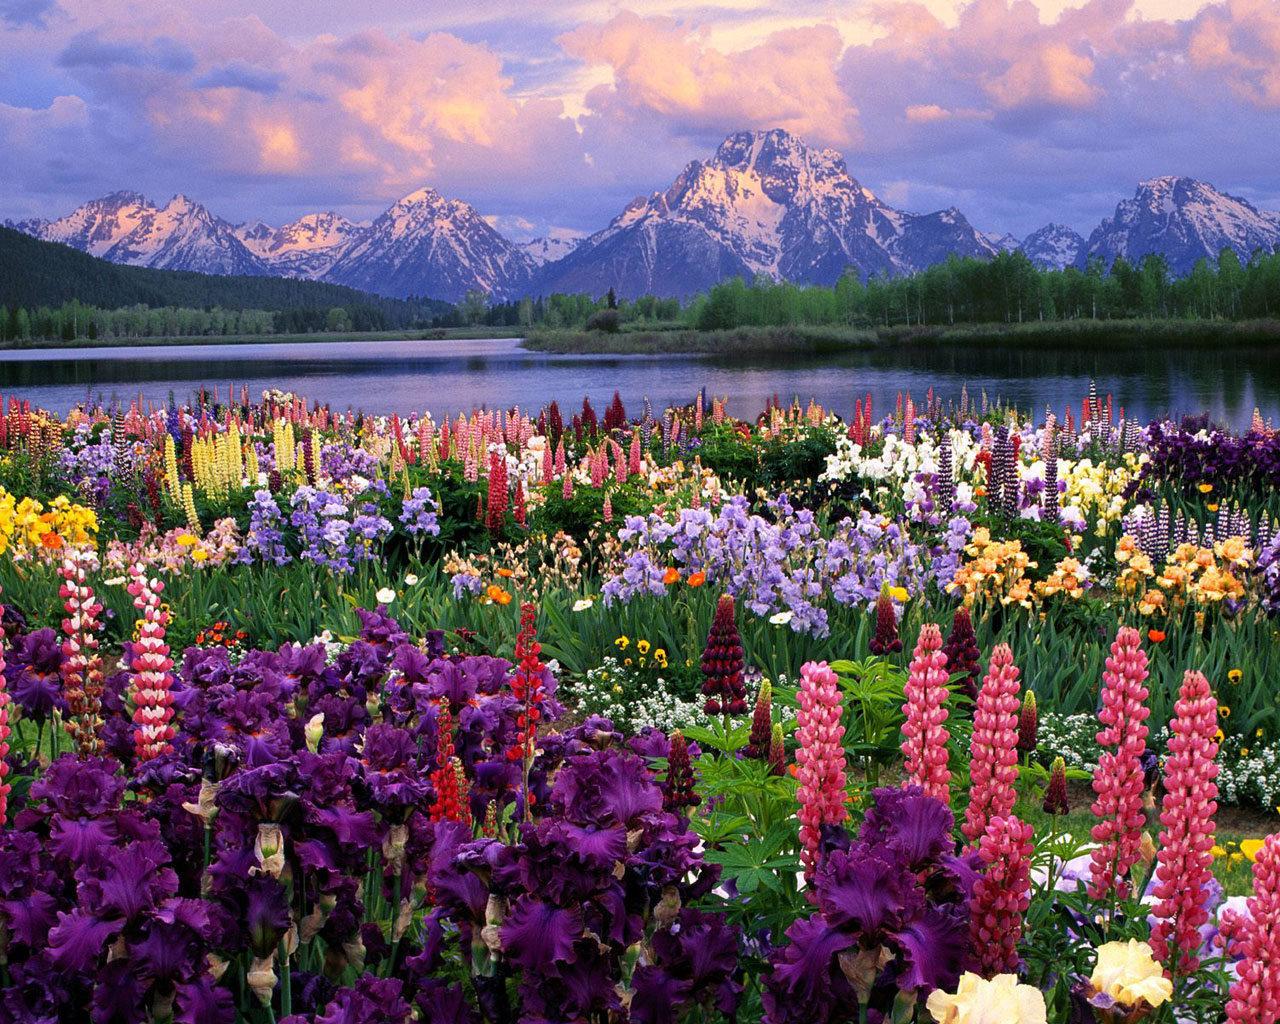 14470 télécharger le fond d'écran Plantes, Paysage, Fleurs, Montagnes - économiseurs d'écran et images gratuitement